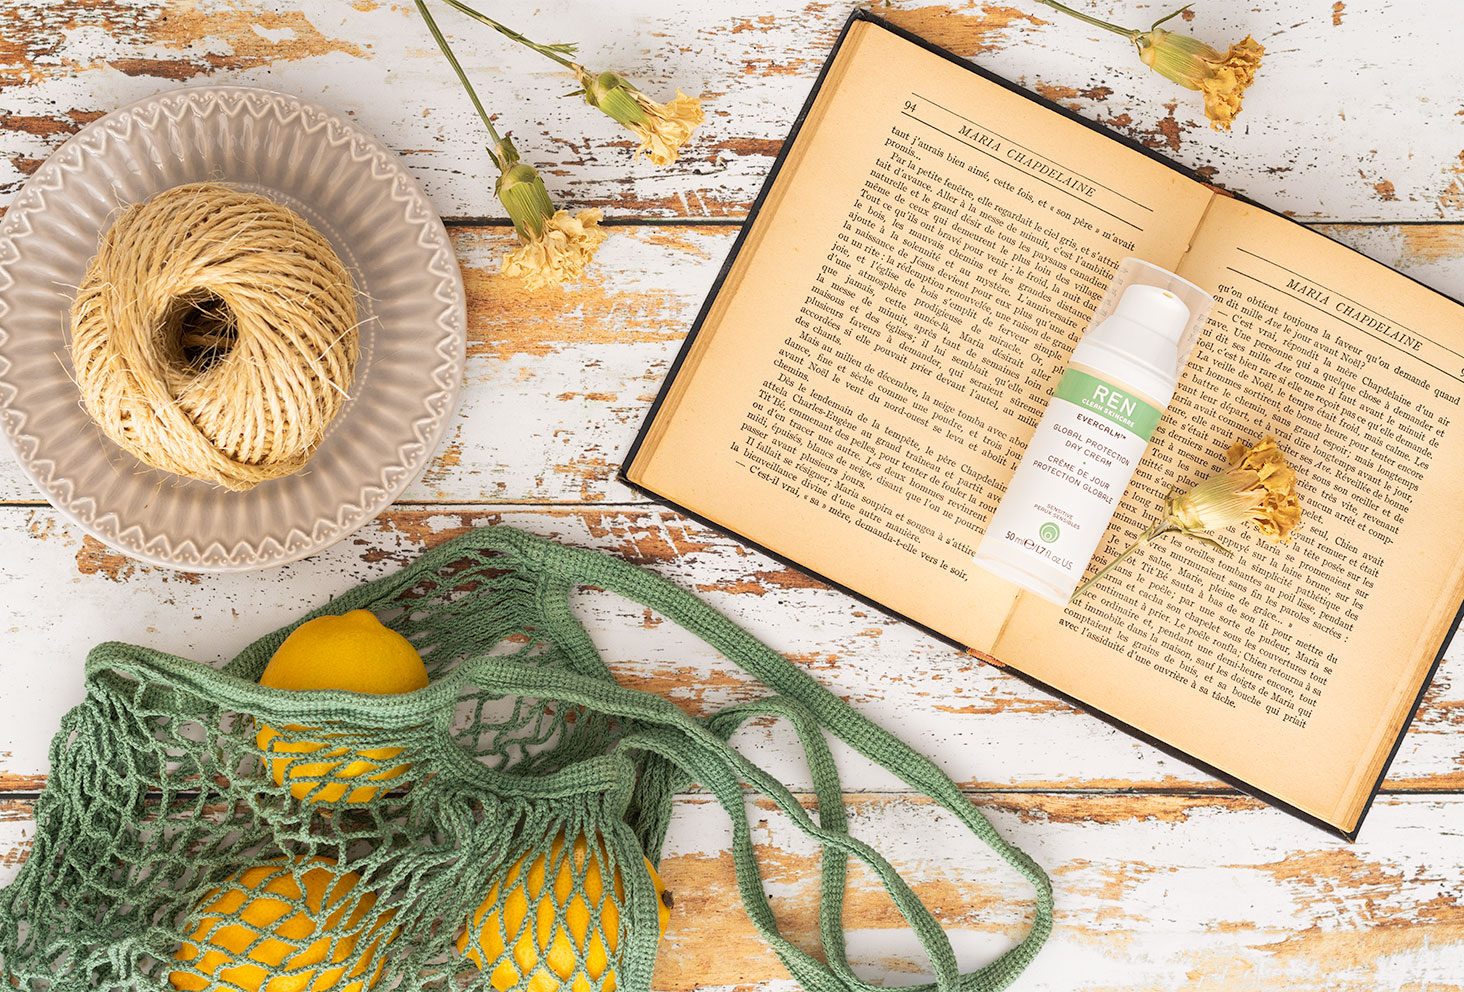 La crème de jour de Ren Clean Skincare posée sur un livre ancien au milieu de citron et de ficelle